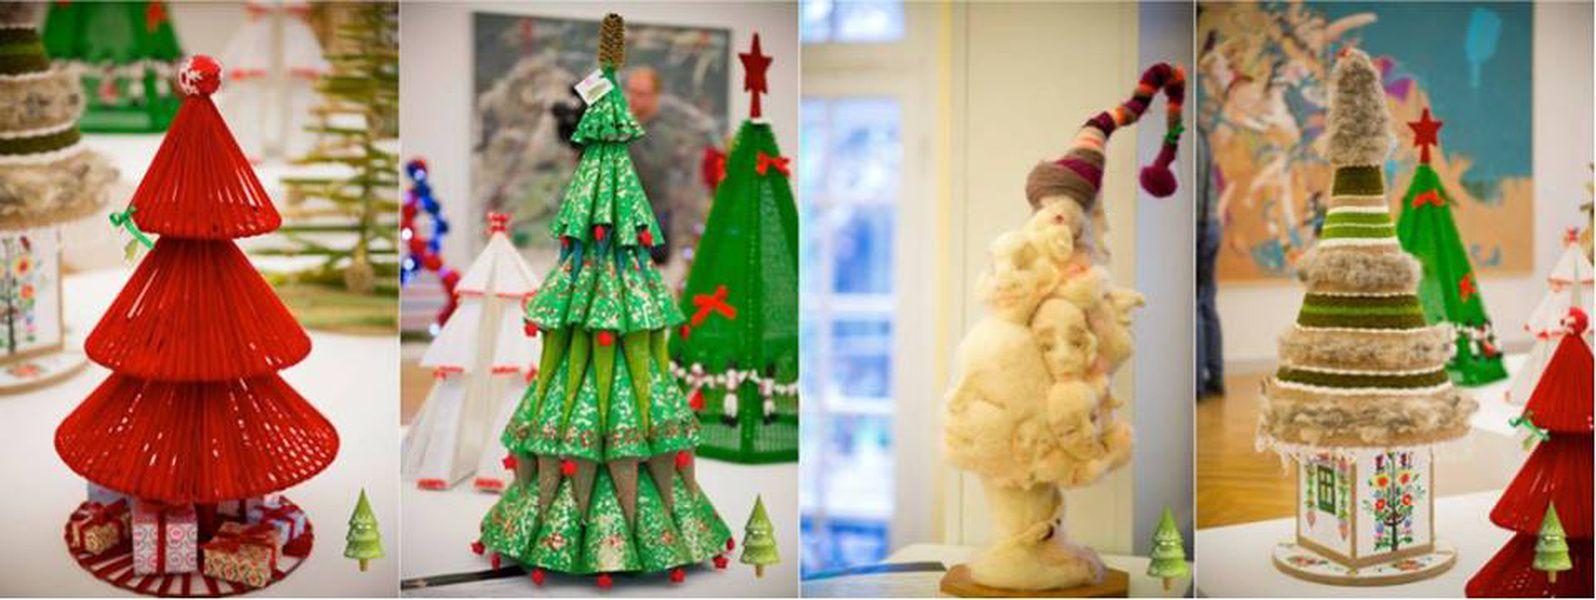 Выставка авторских ёлок Designer Christmas